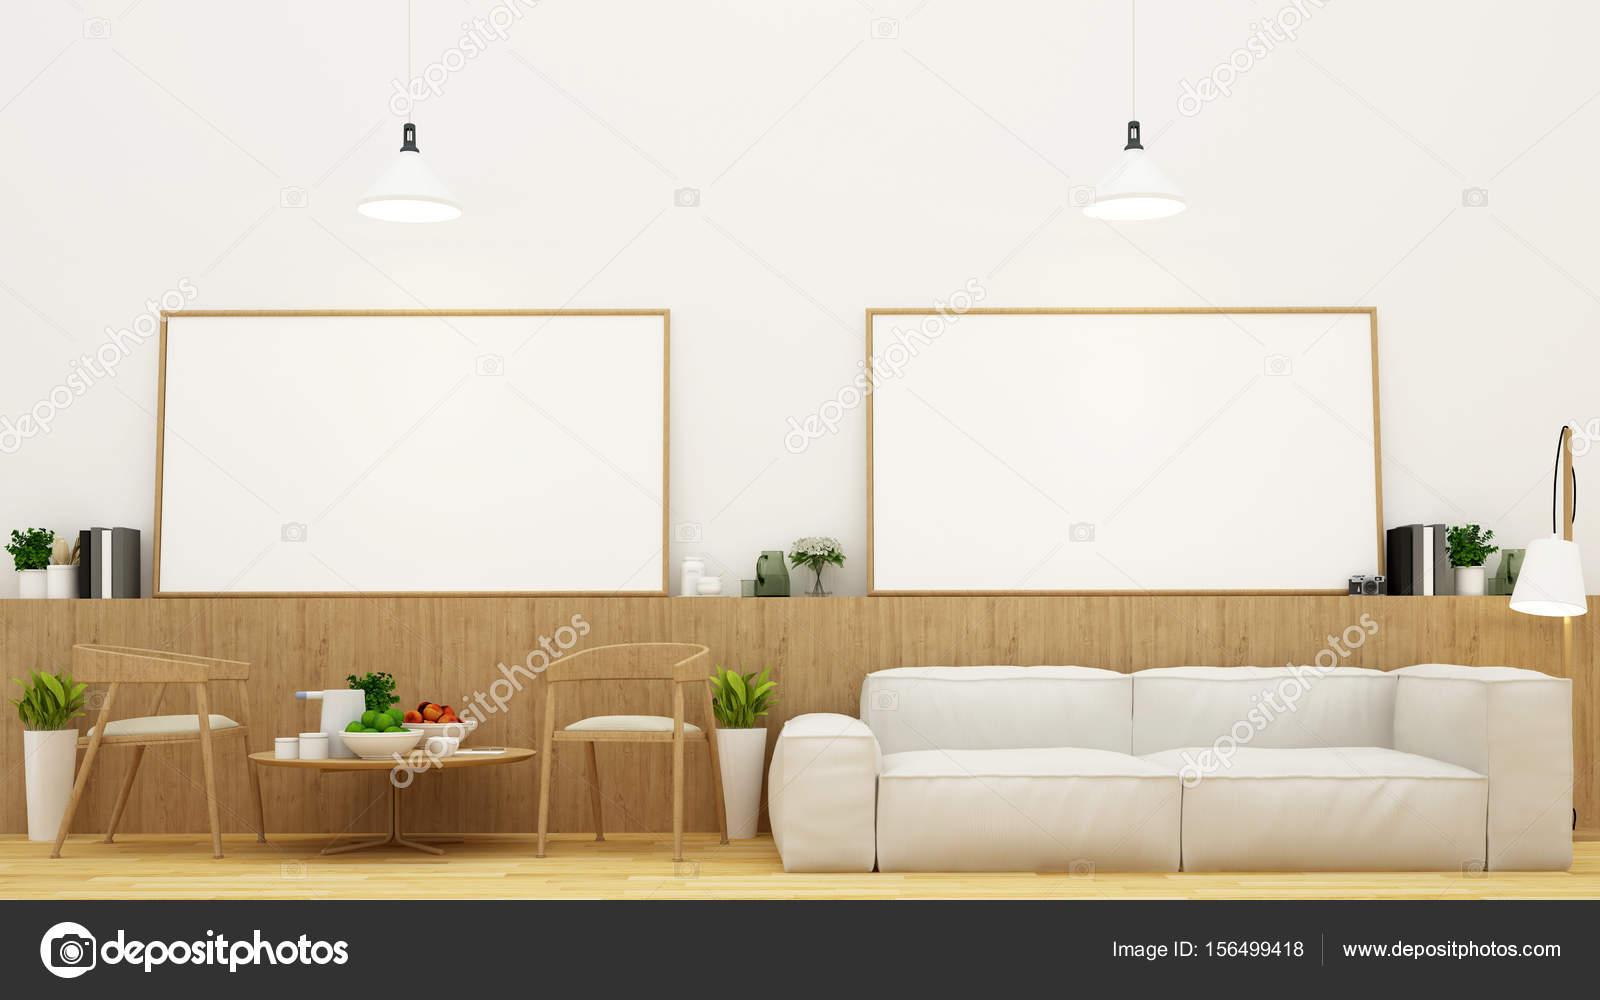 Eethoek In Woonkamer : Eethoek in woonkamer en frame voor illustraties in d rendering